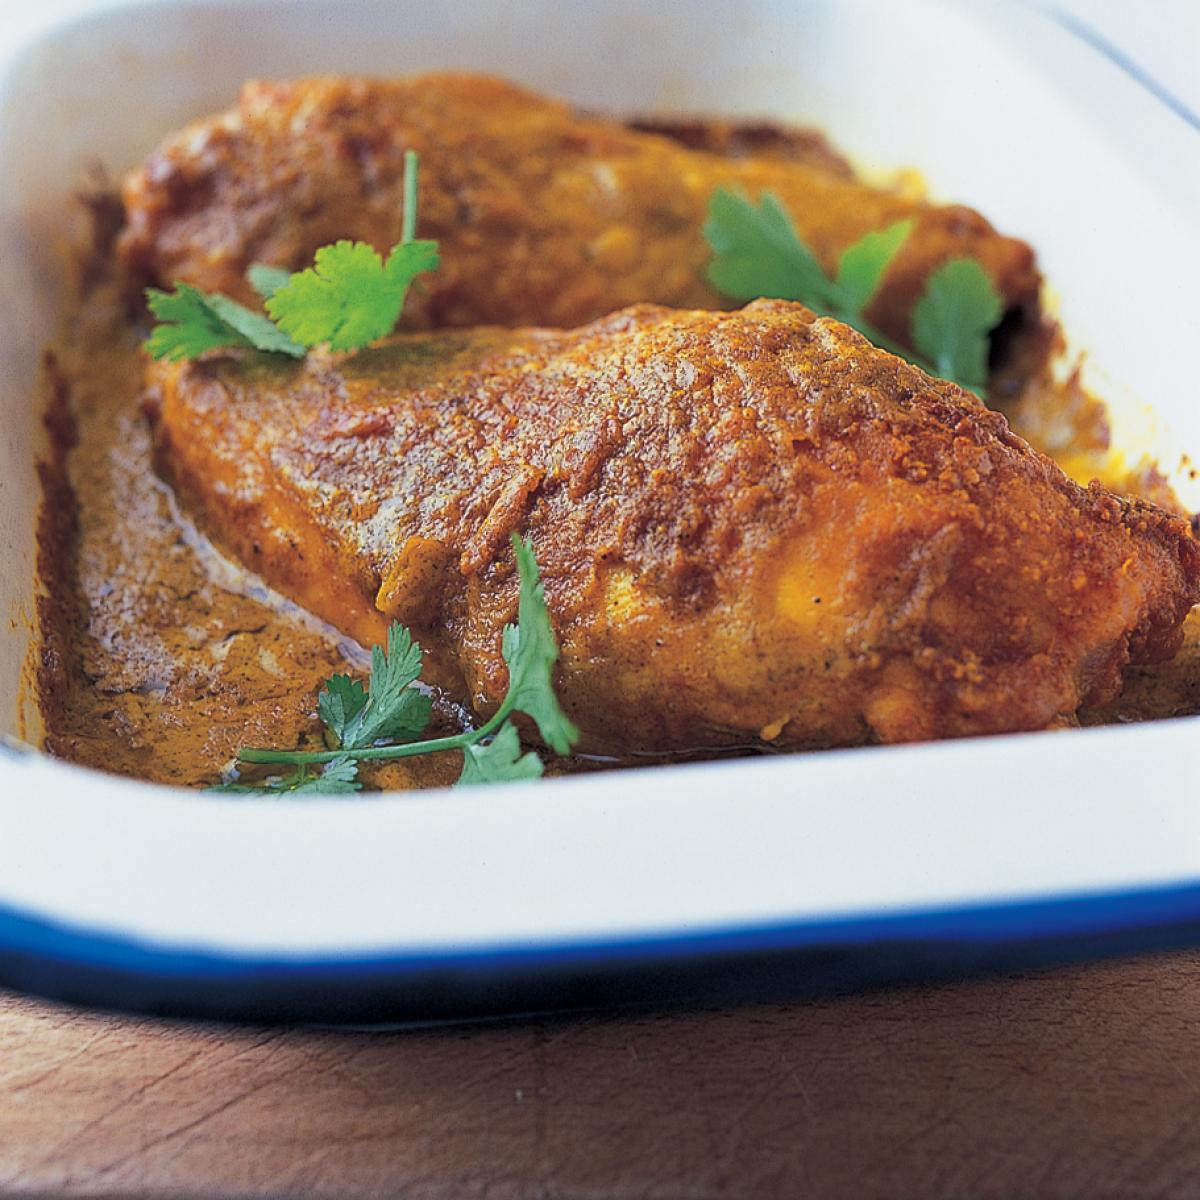 A picture of Delia's Spiced Chicken recipe